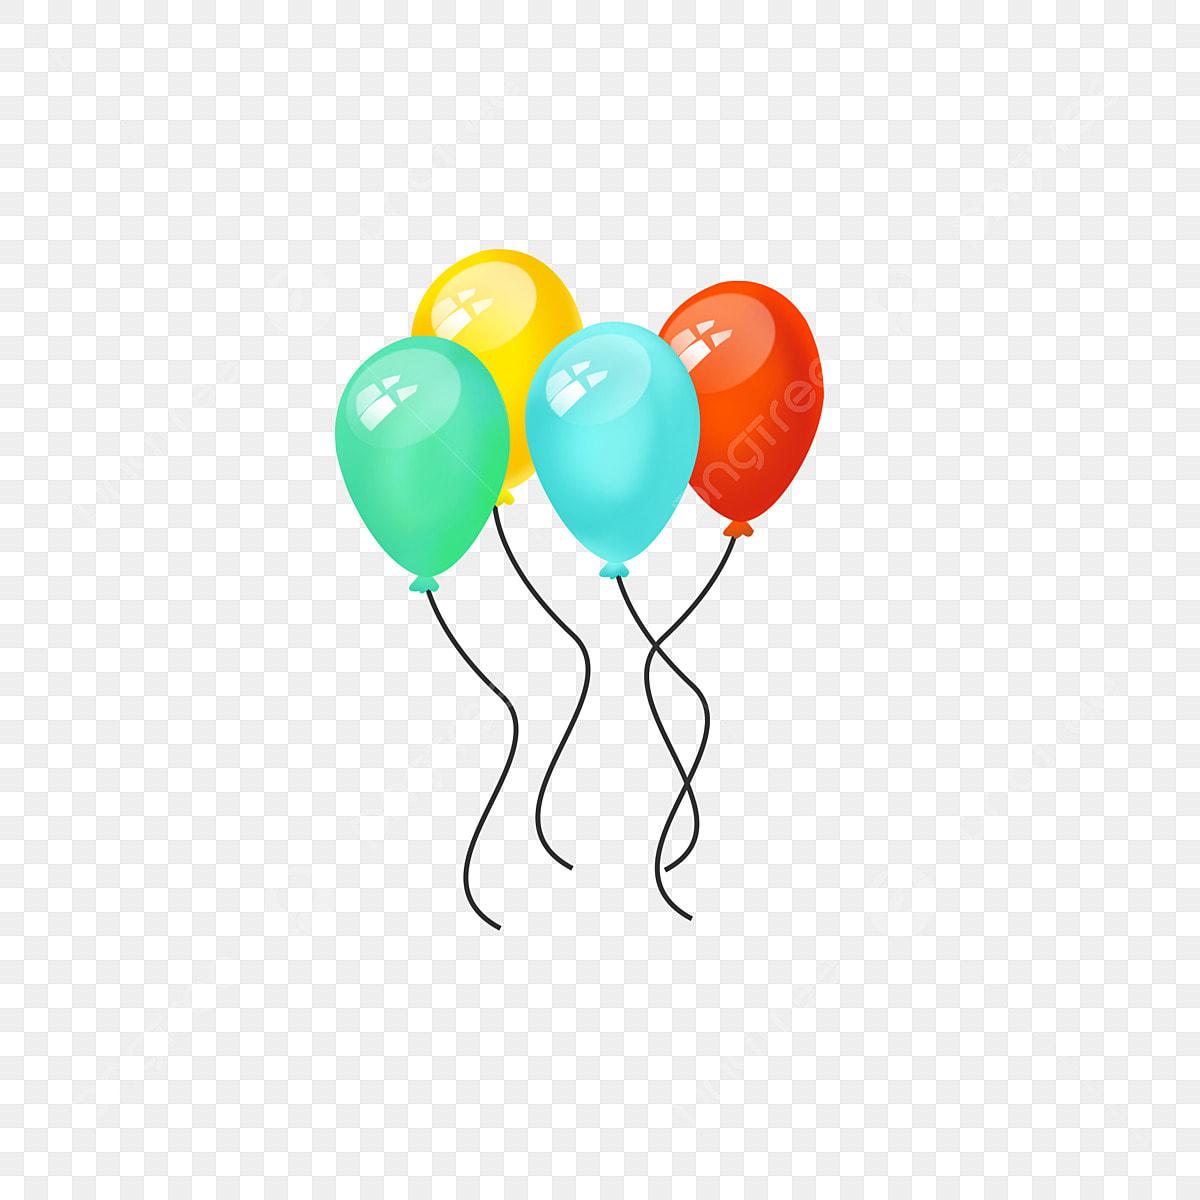 يوم كذبة أبريل بالون زخرفة عنصر يوم كذبة أبريل زخرفة بالون Png وملف Psd للتحميل مجانا